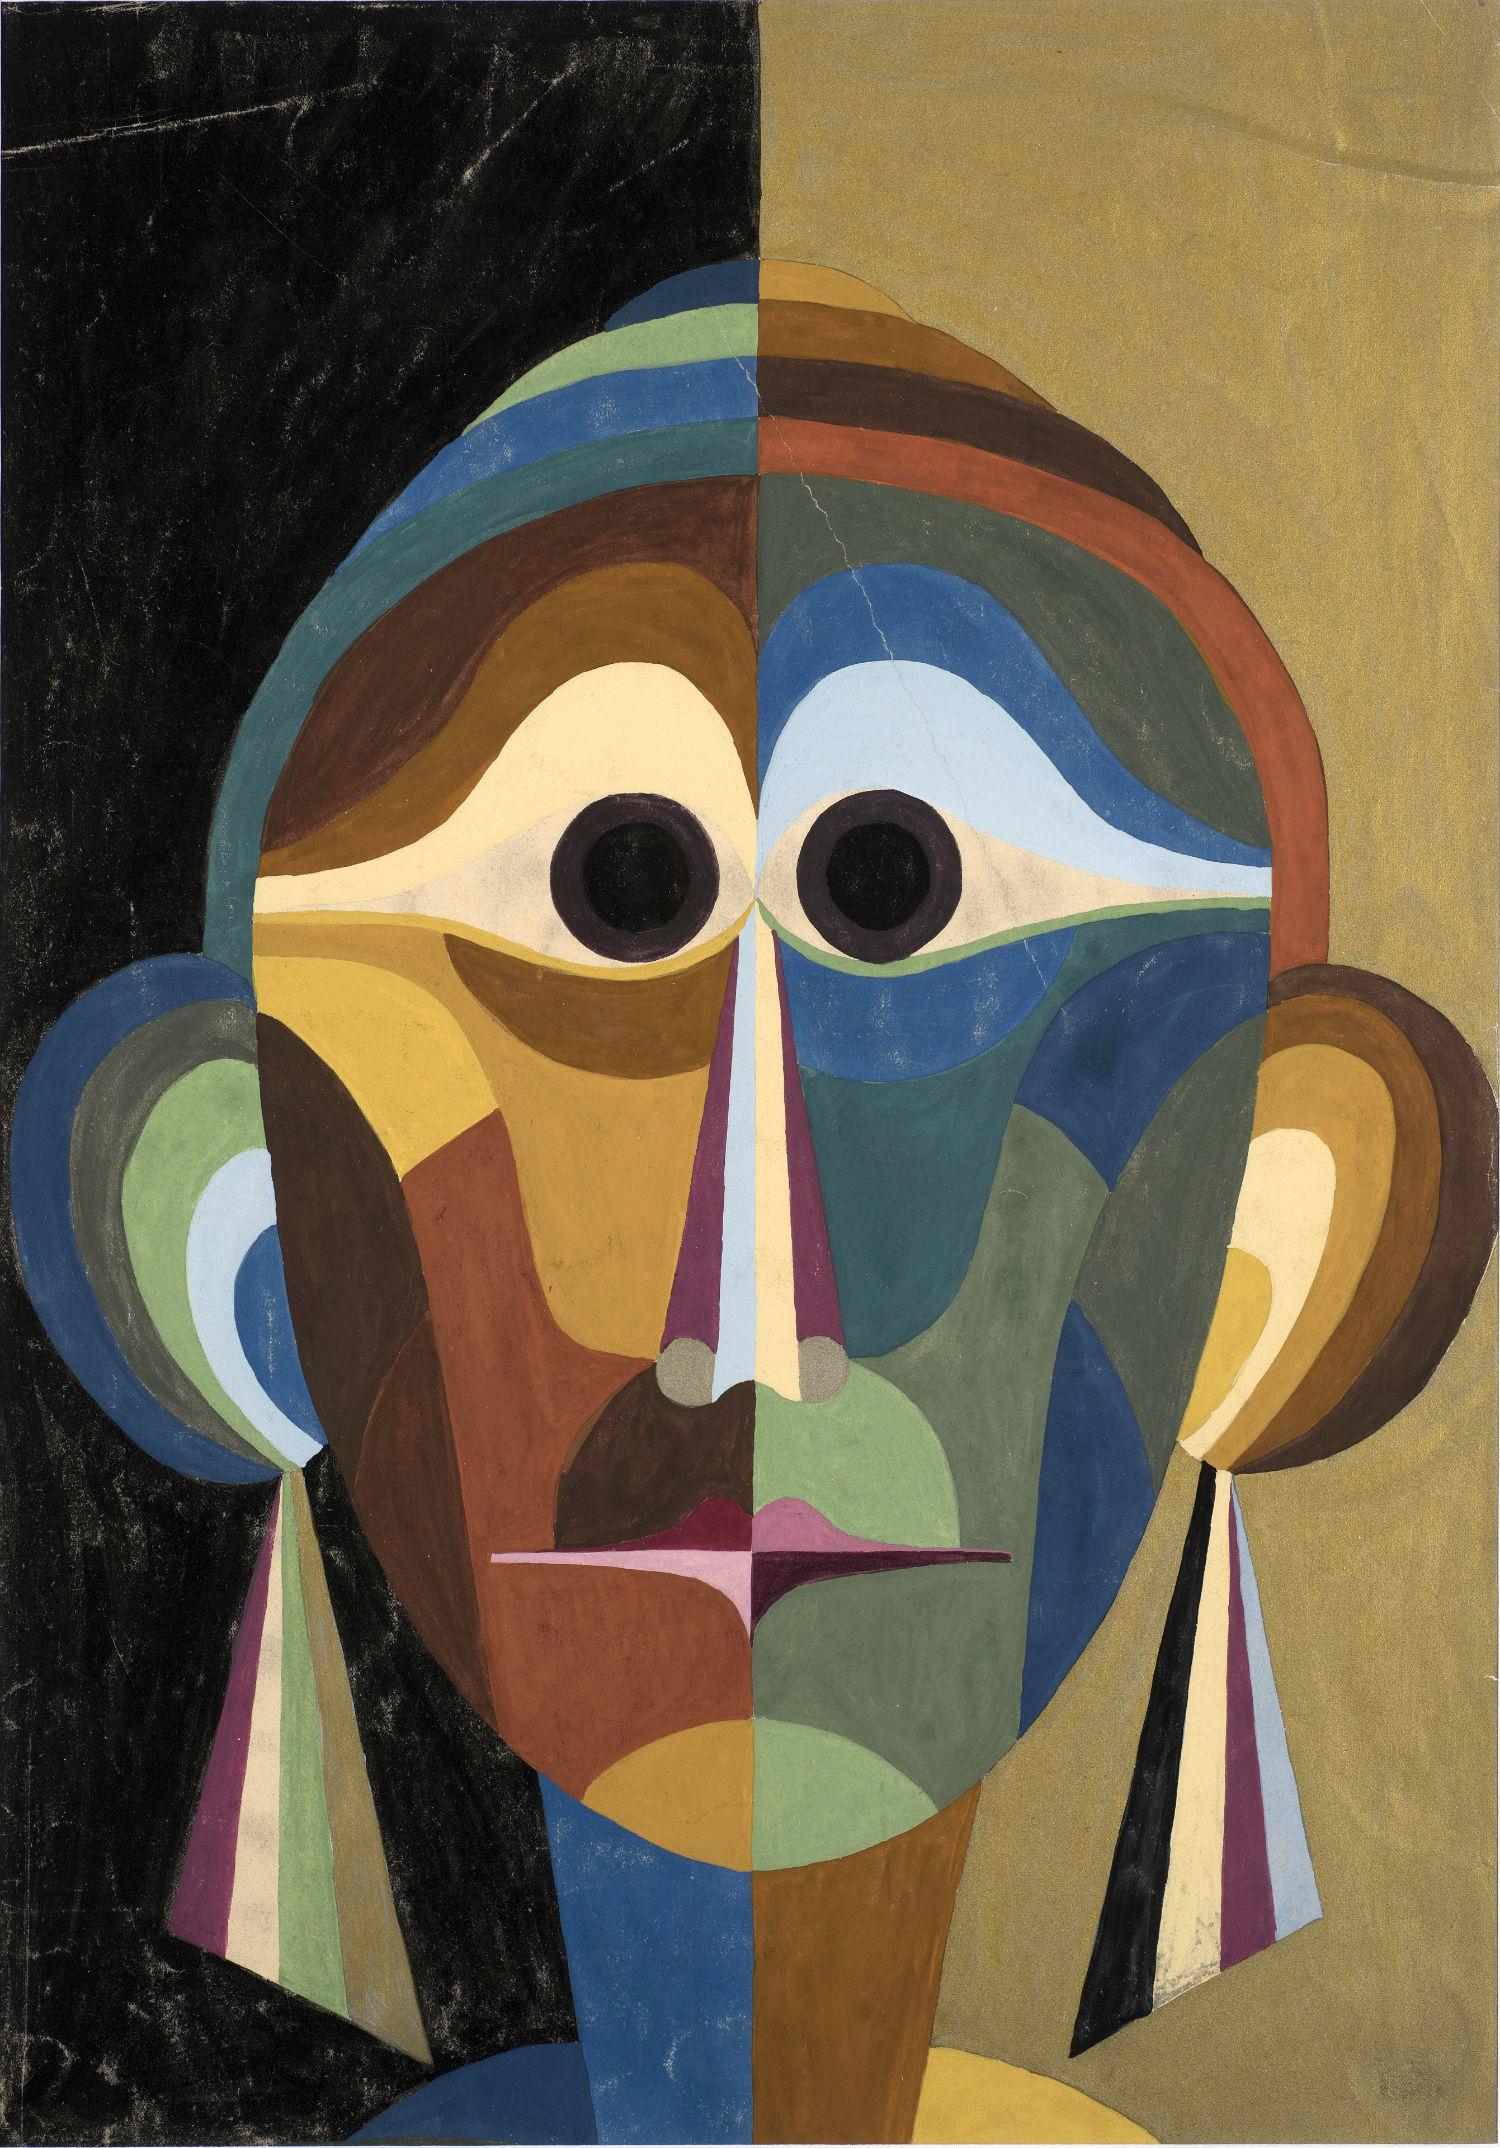 Head, c. 1920s